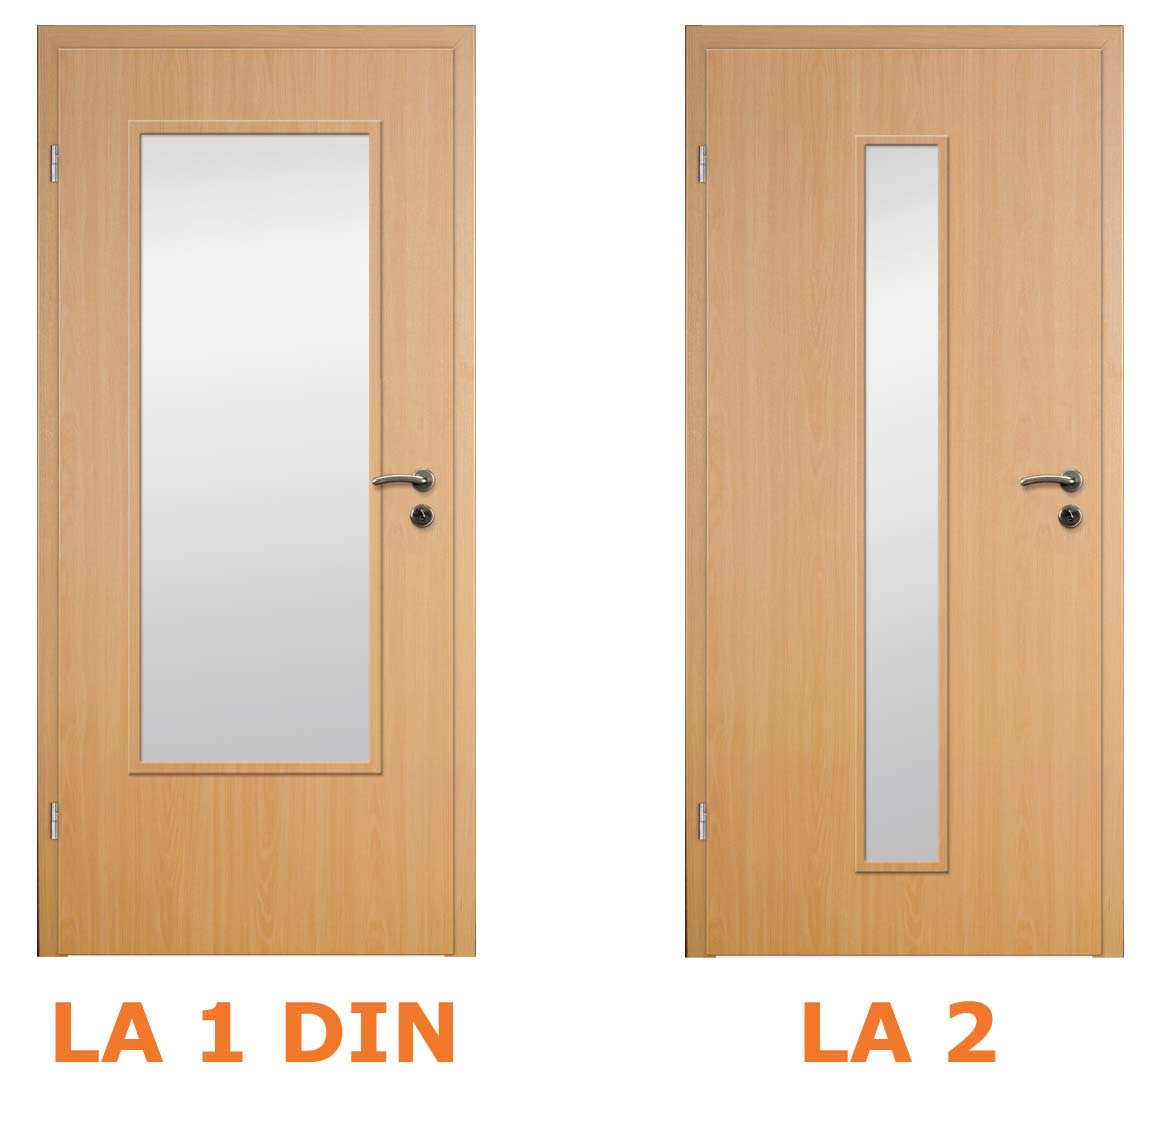 Positionierung der Glasausschnitte bei Innentüren